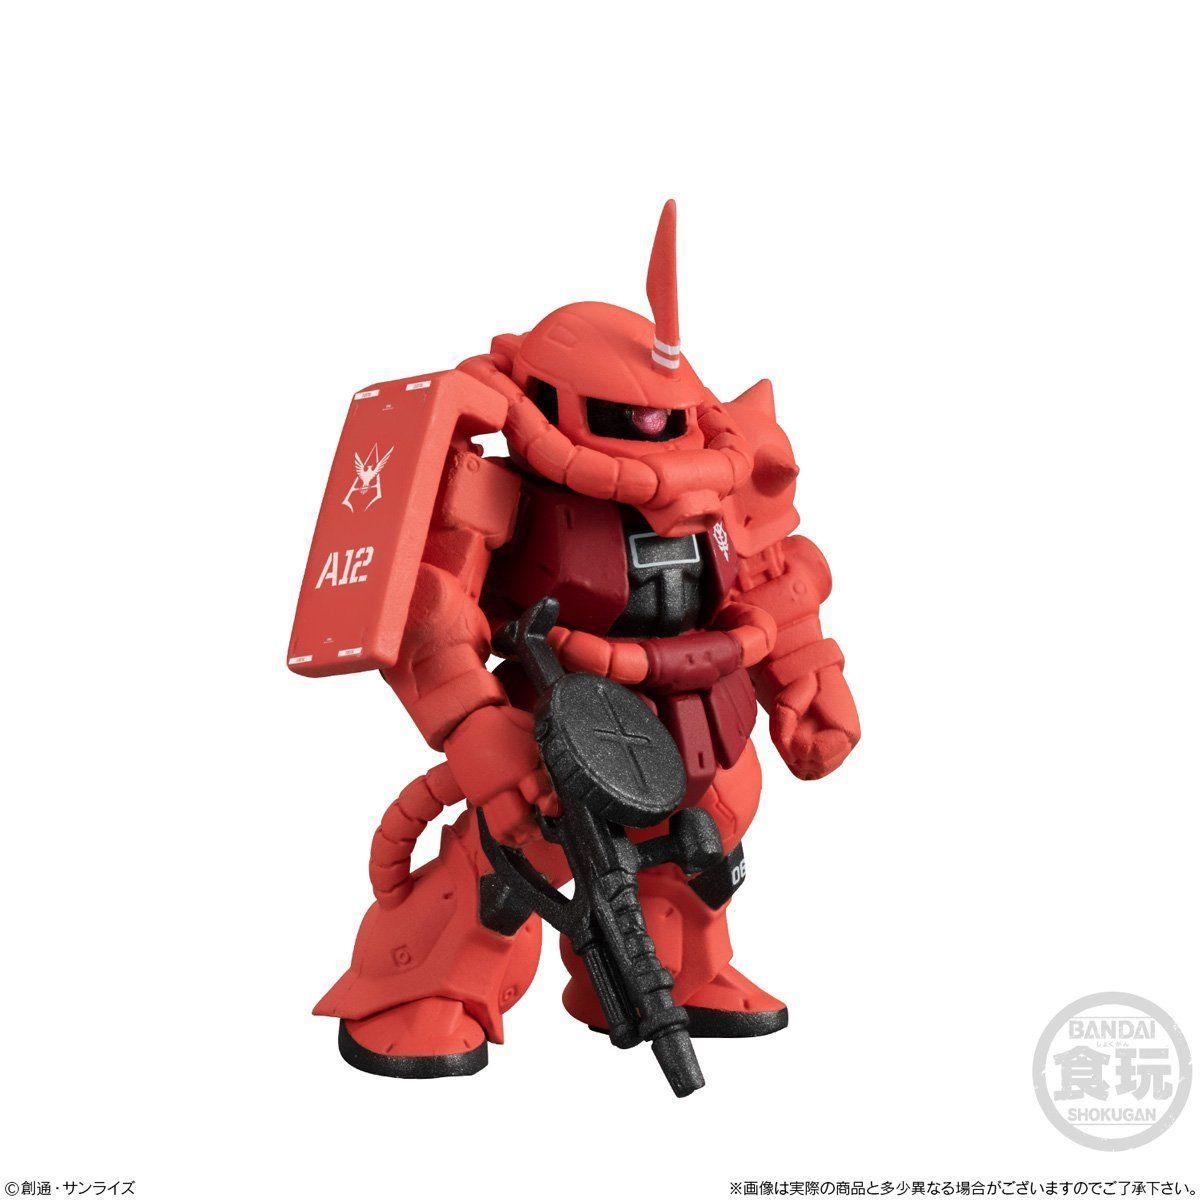 【限定販売】【食玩】FW GUNDAM CONVERGE:CORE『赤い彗星の軌跡』機動戦士ガンダム 完成品フィギュア-006